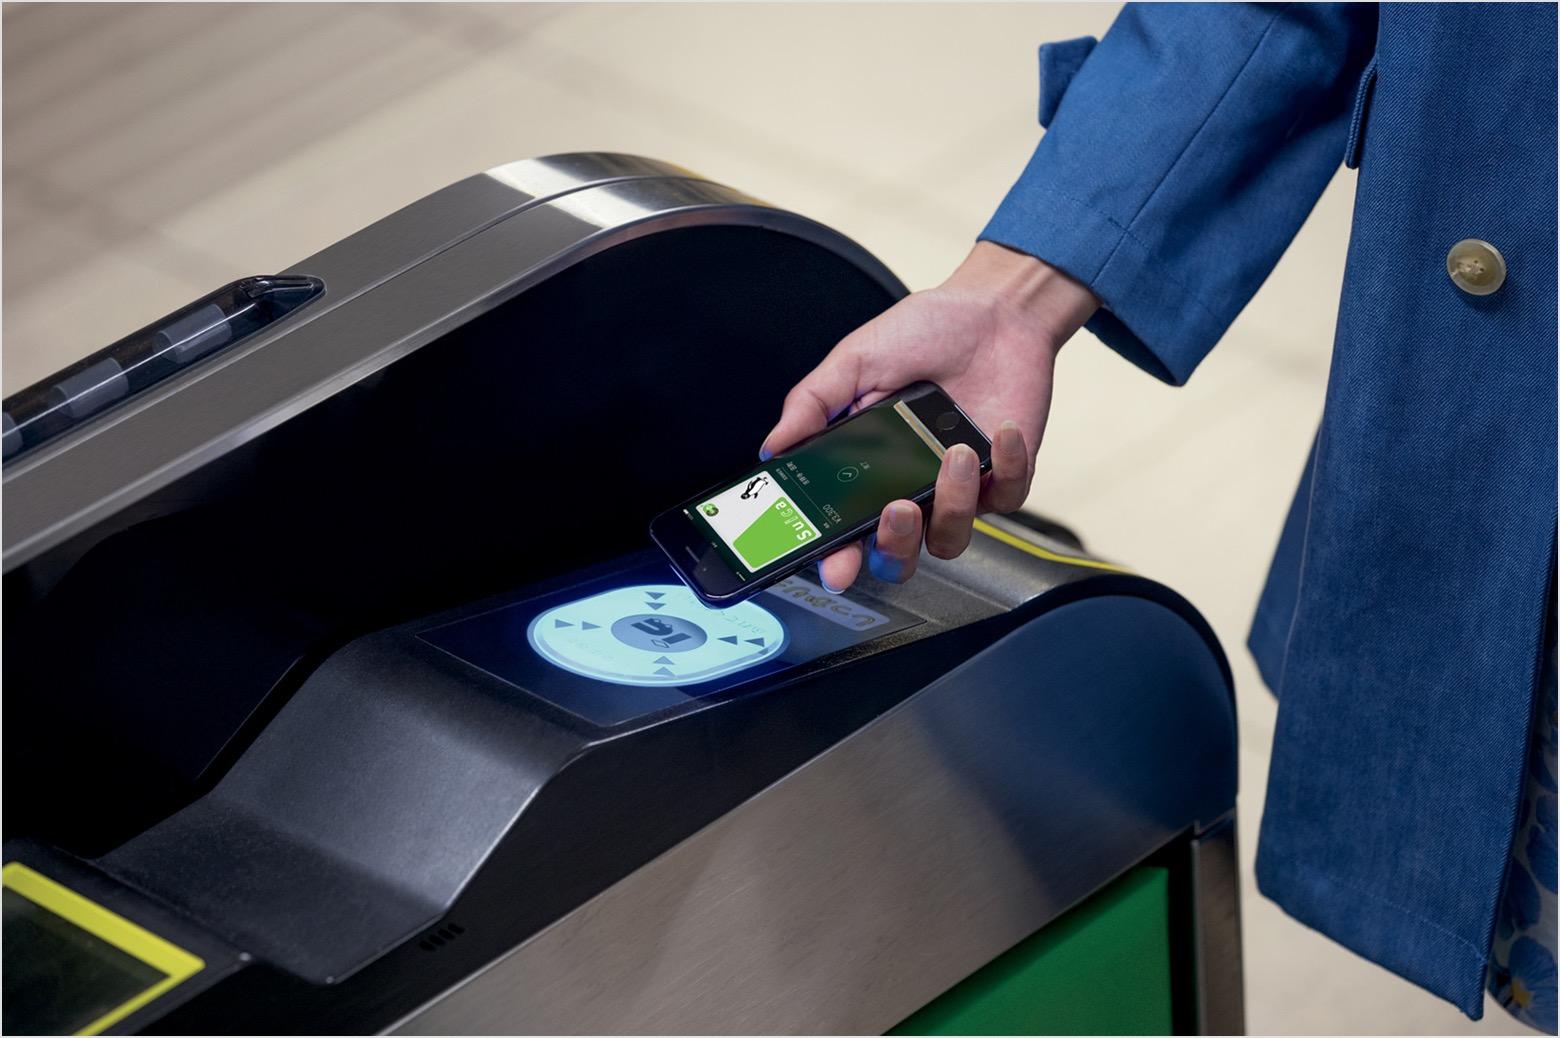 Apple Pay、クレカも認証なし・かざして支払い可能に?